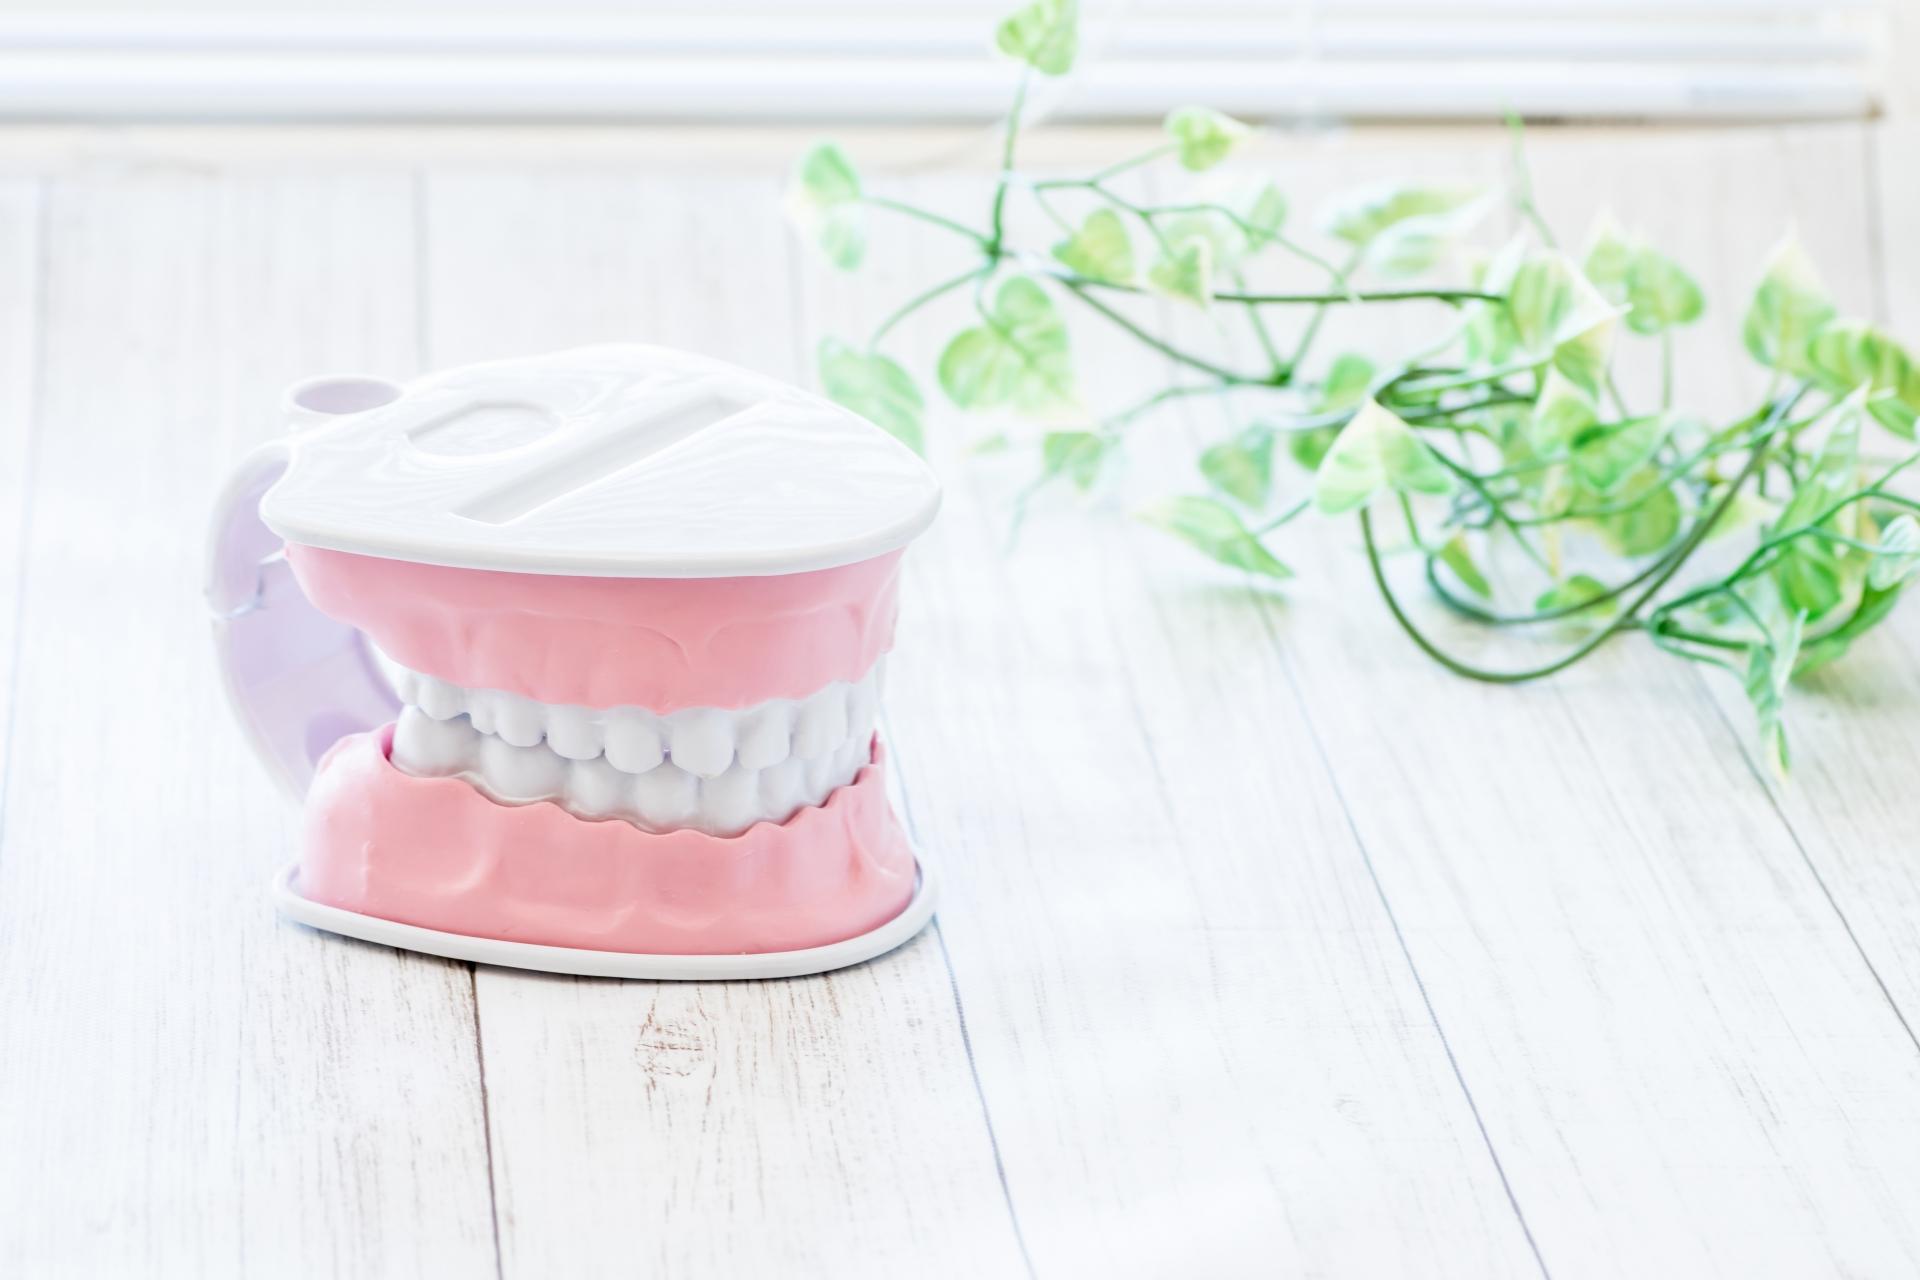 いつまでも健康な歯でいたいものです